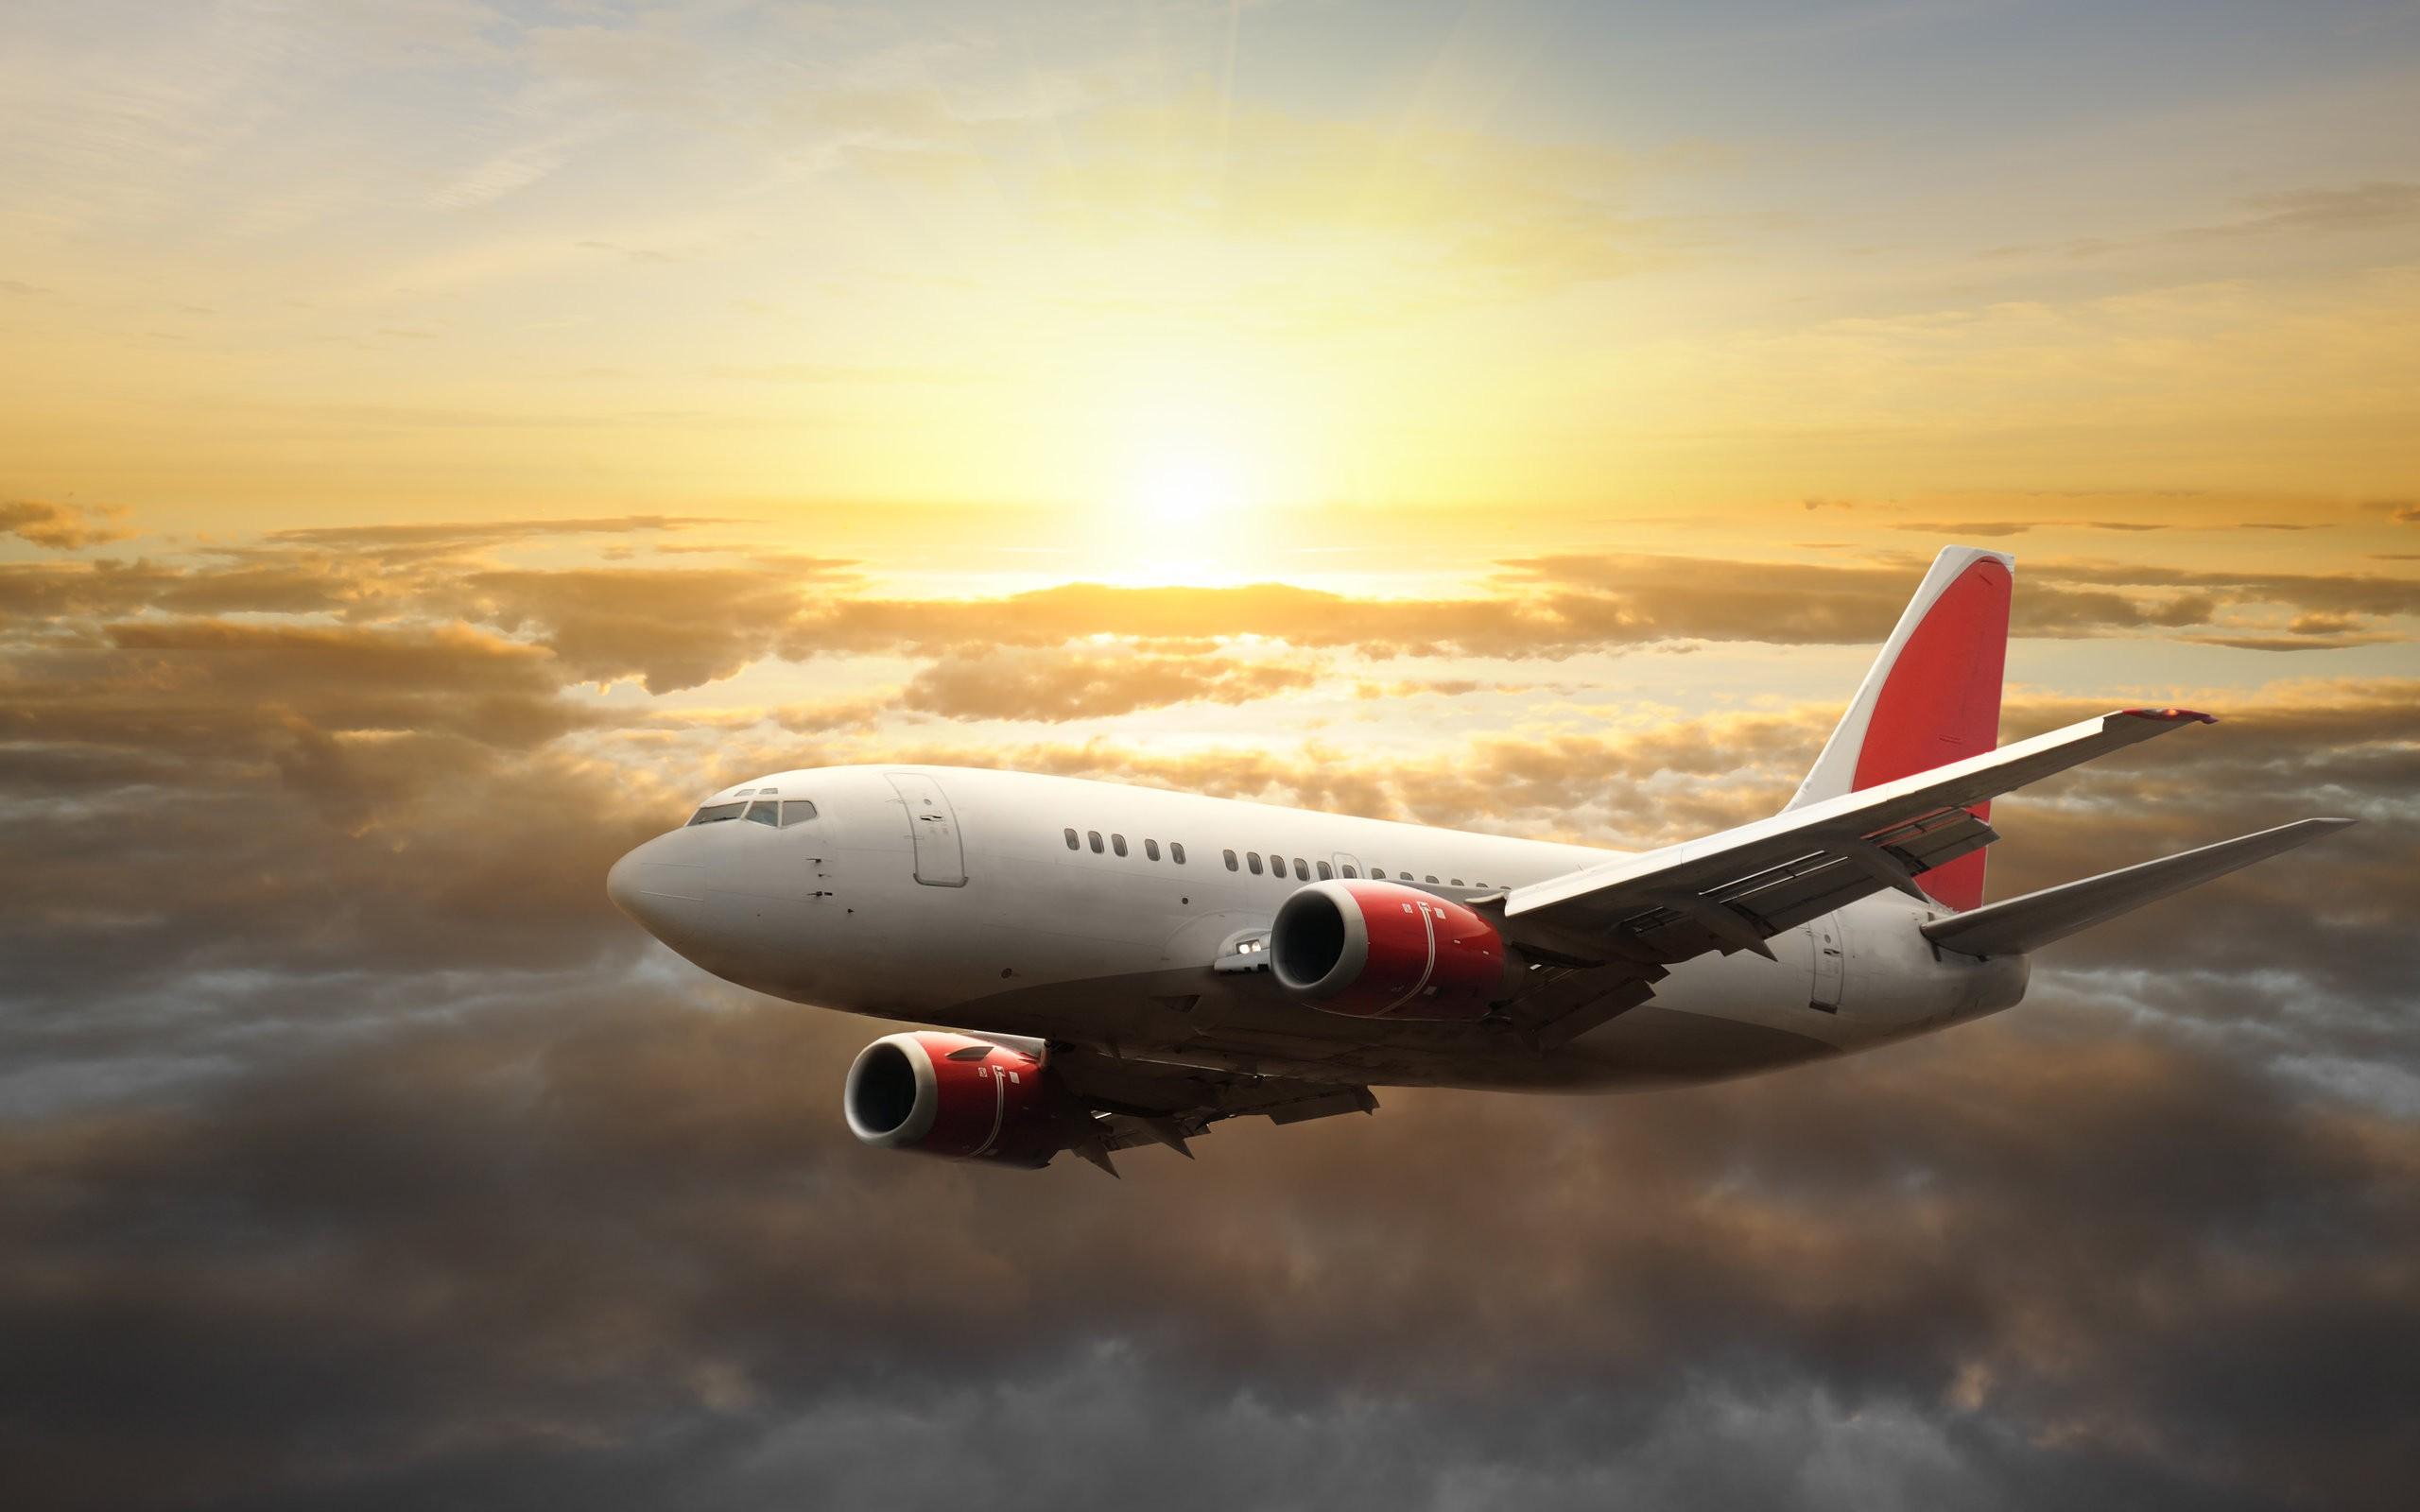 Hintergrundbilder : Auto, Fahrzeug, Flugzeug, Boeing 777, Boeing 737 ...